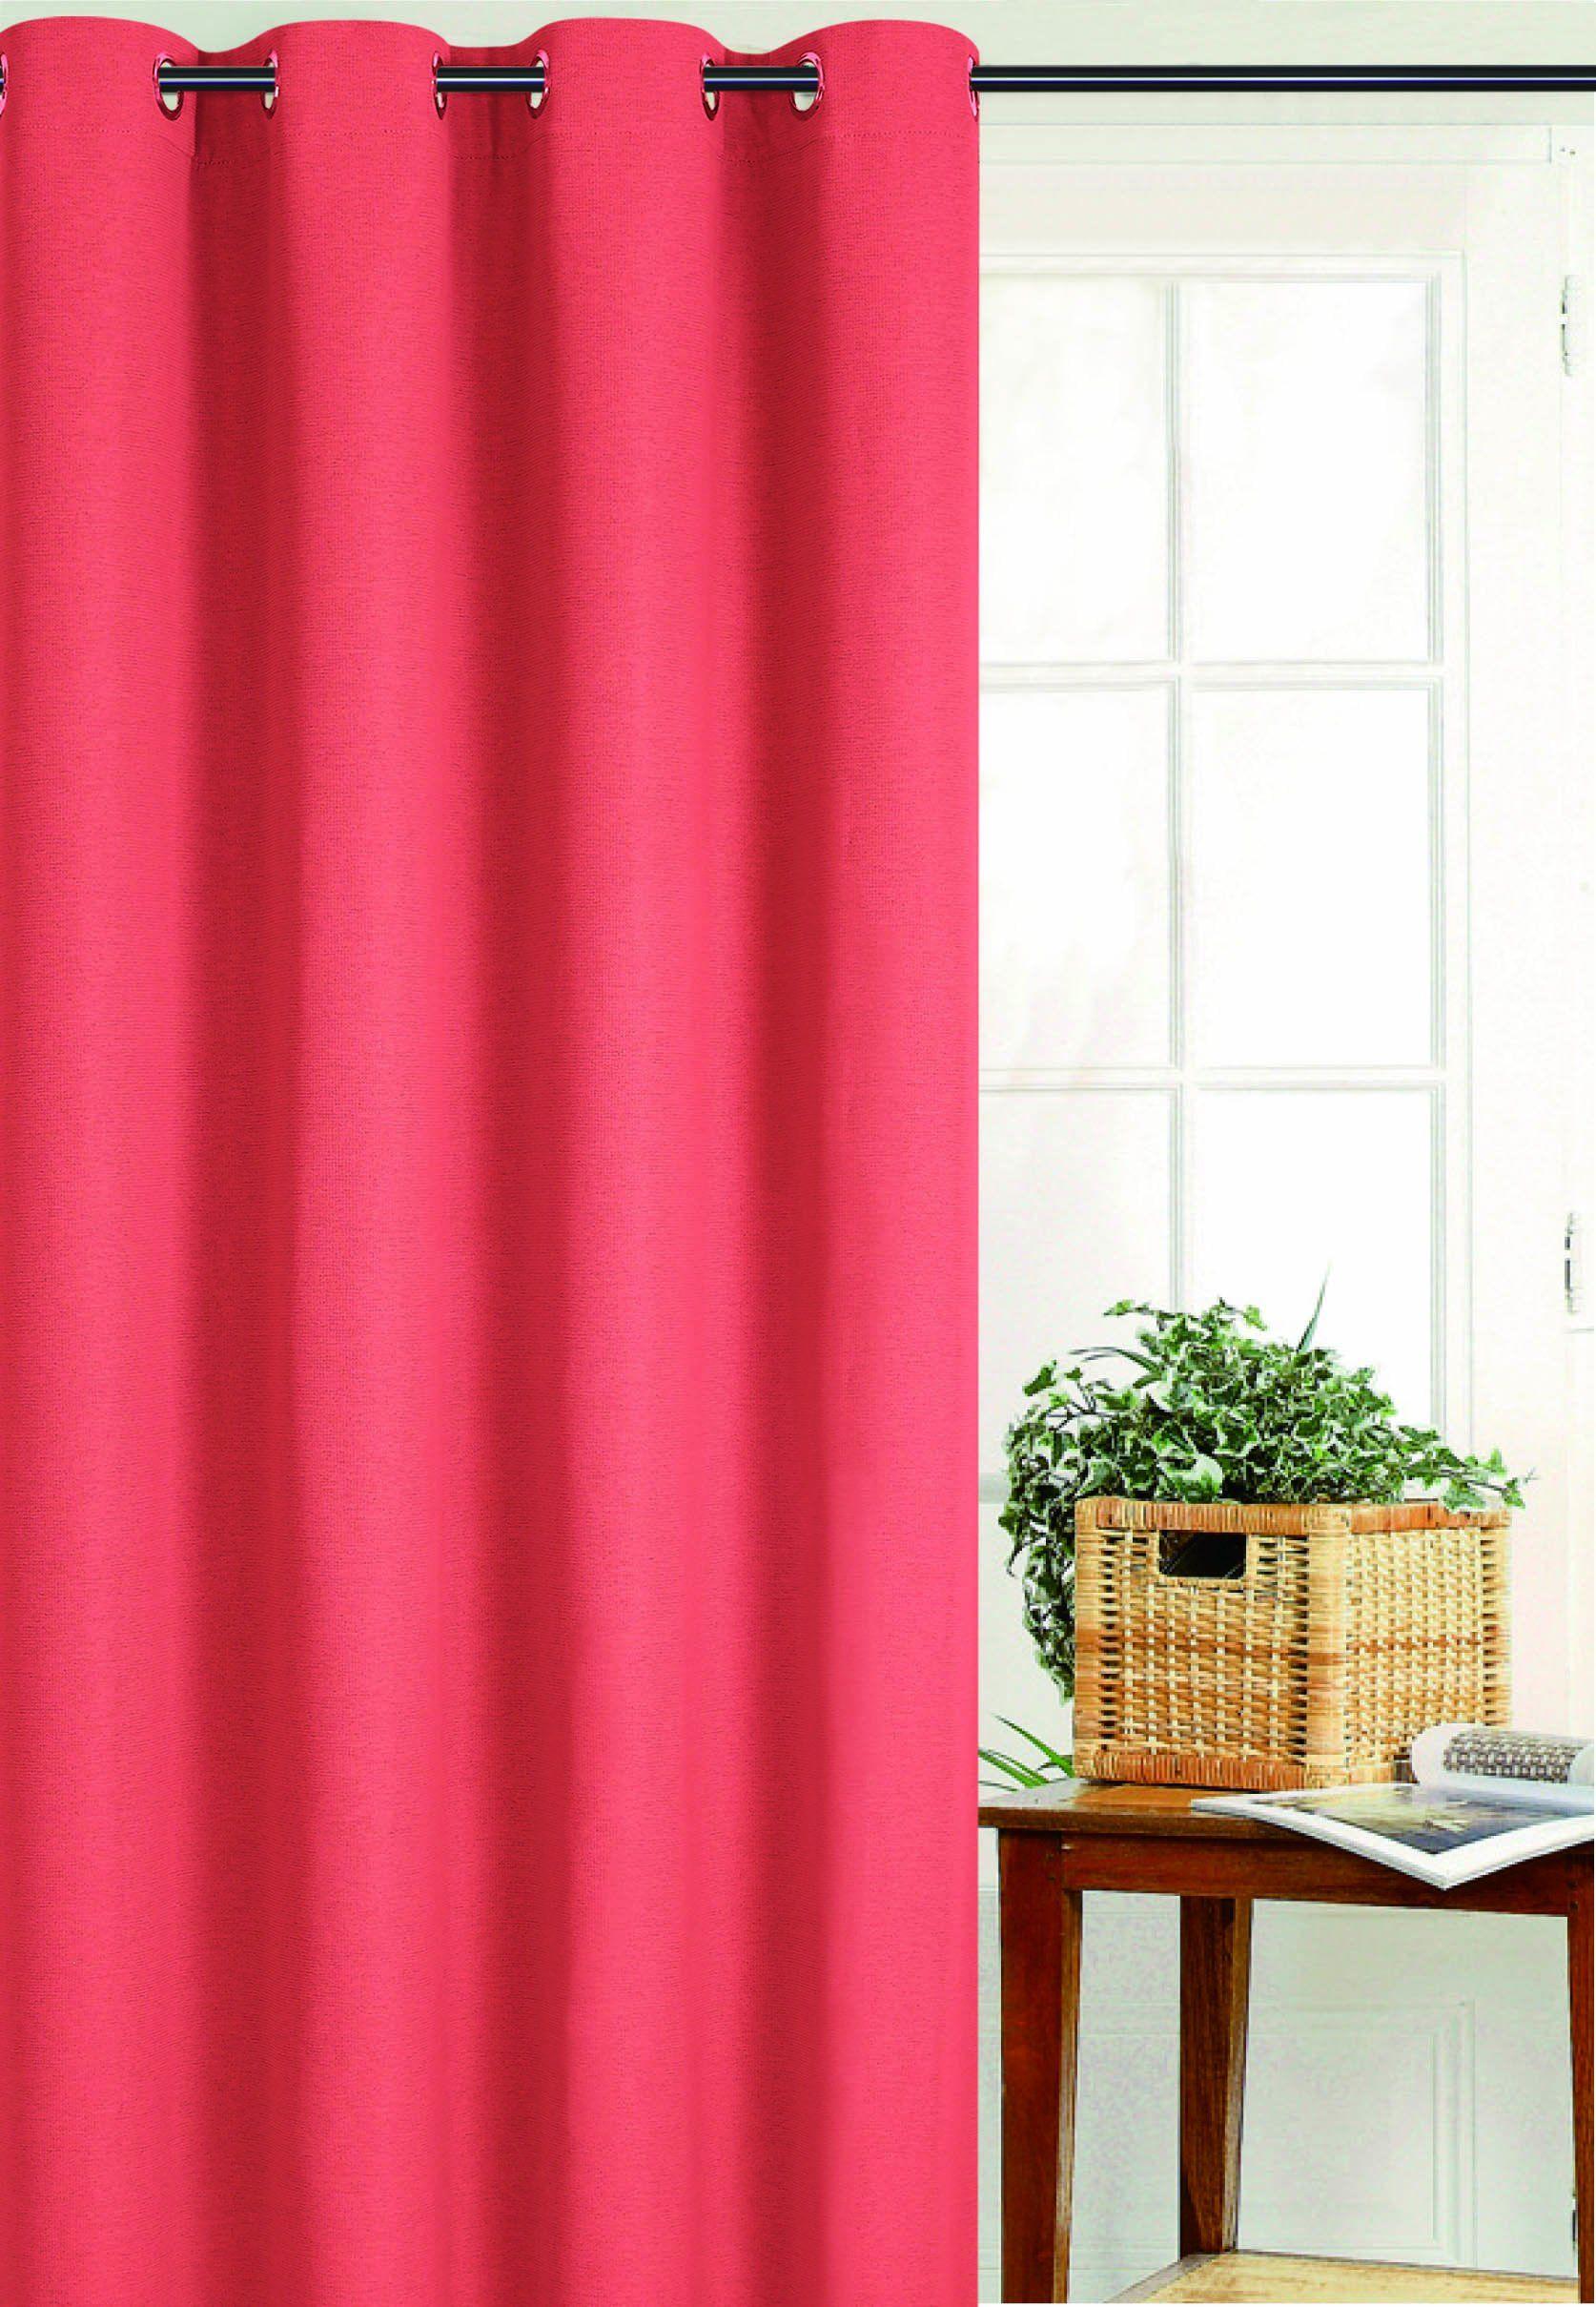 HomeMaison Zasłona zaciemniająca uniwersalna, poliester, pomarańczowa, 250 x 135 cm